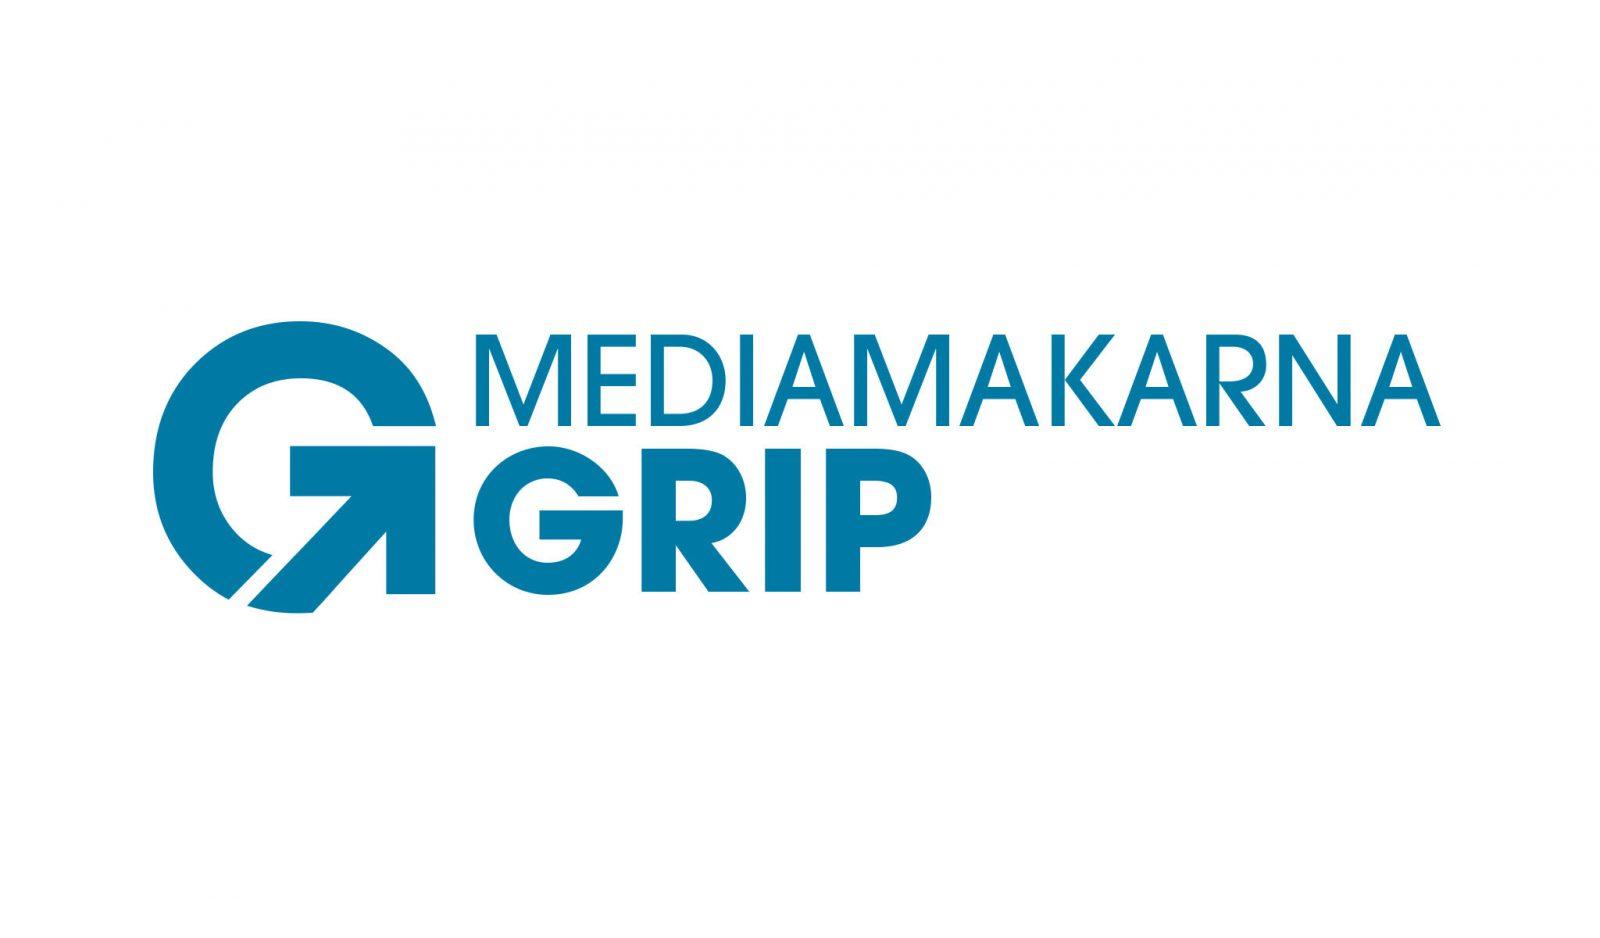 mediemakarnagrip